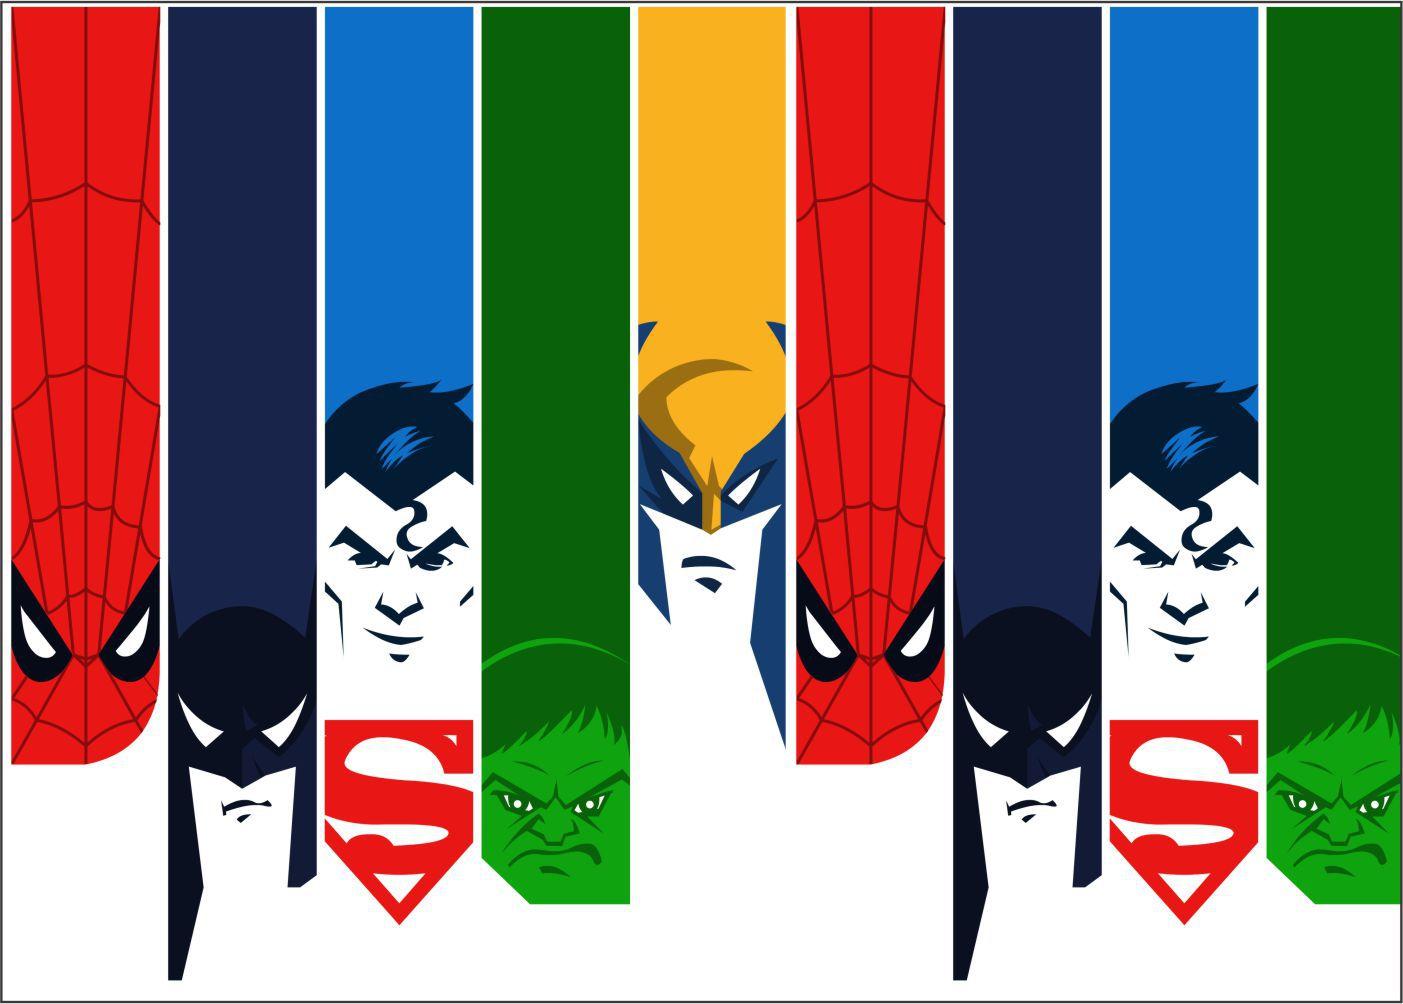 Papel de Parede Infantil Super Heróis 0001 -Adesivos de Parede